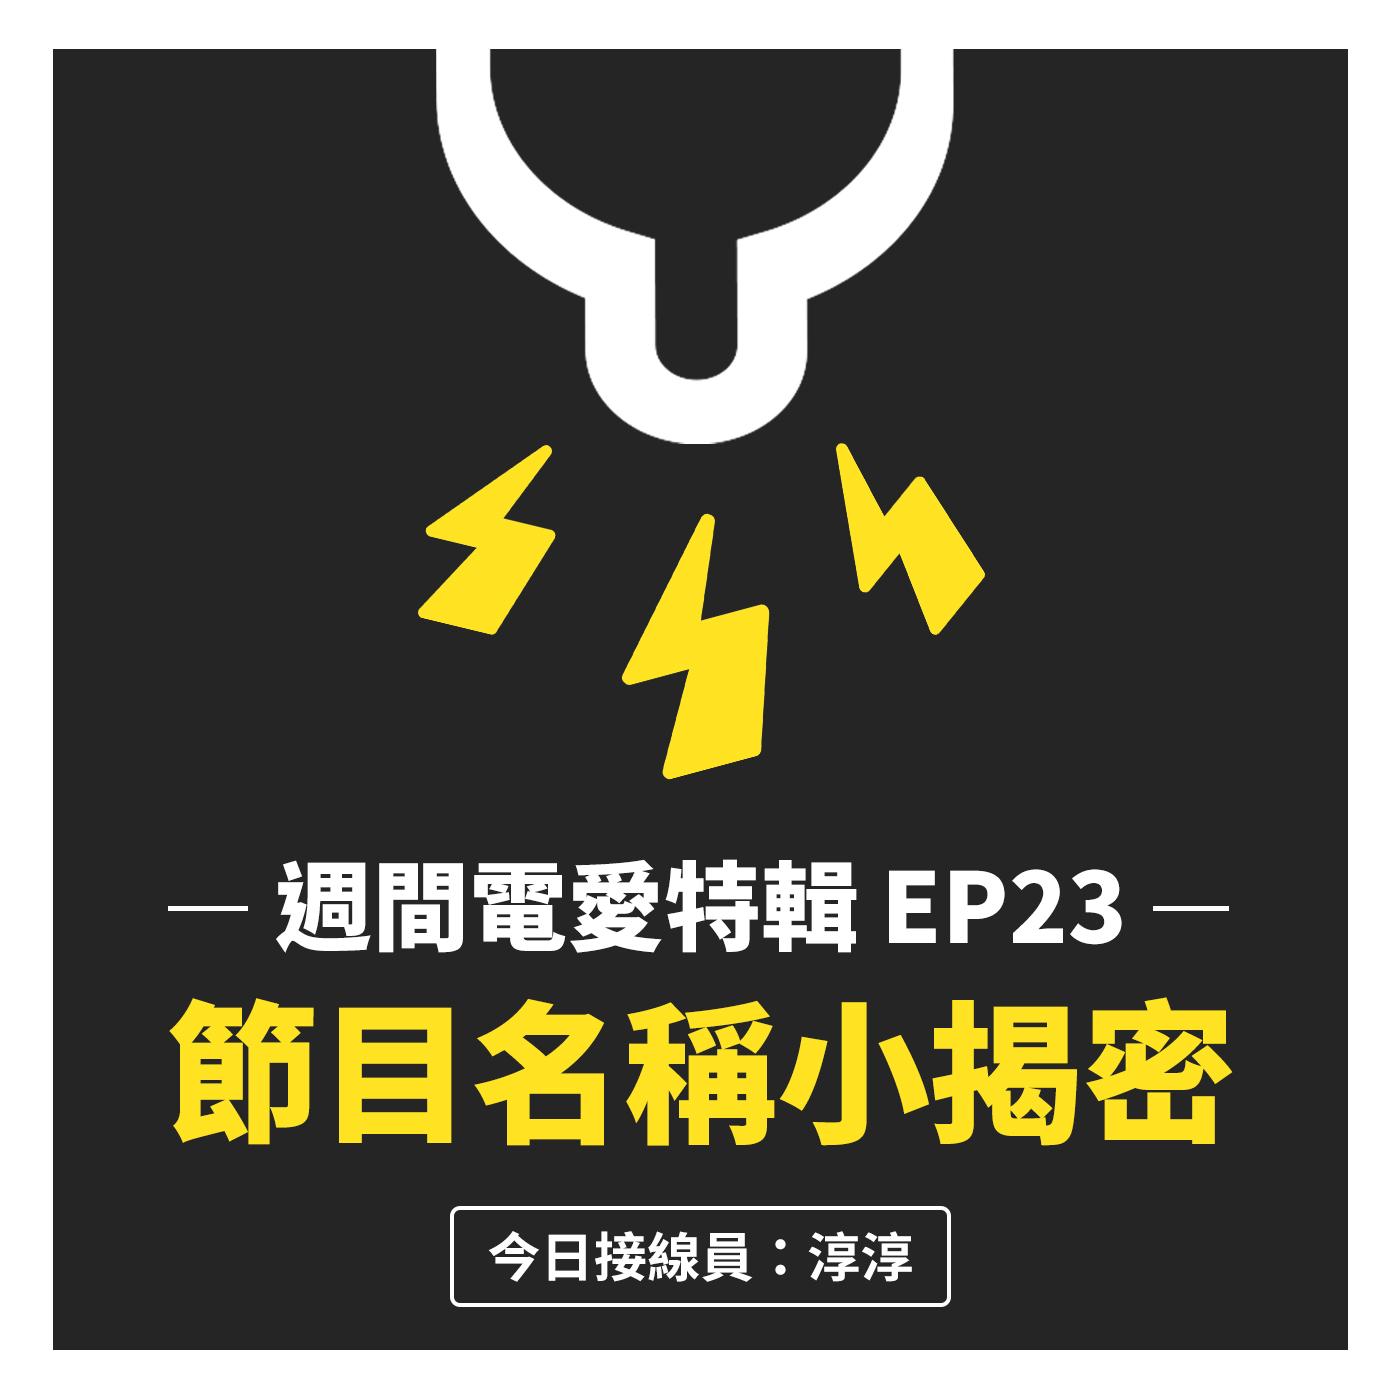 [週間電愛特輯] EP23 節目名稱小揭密